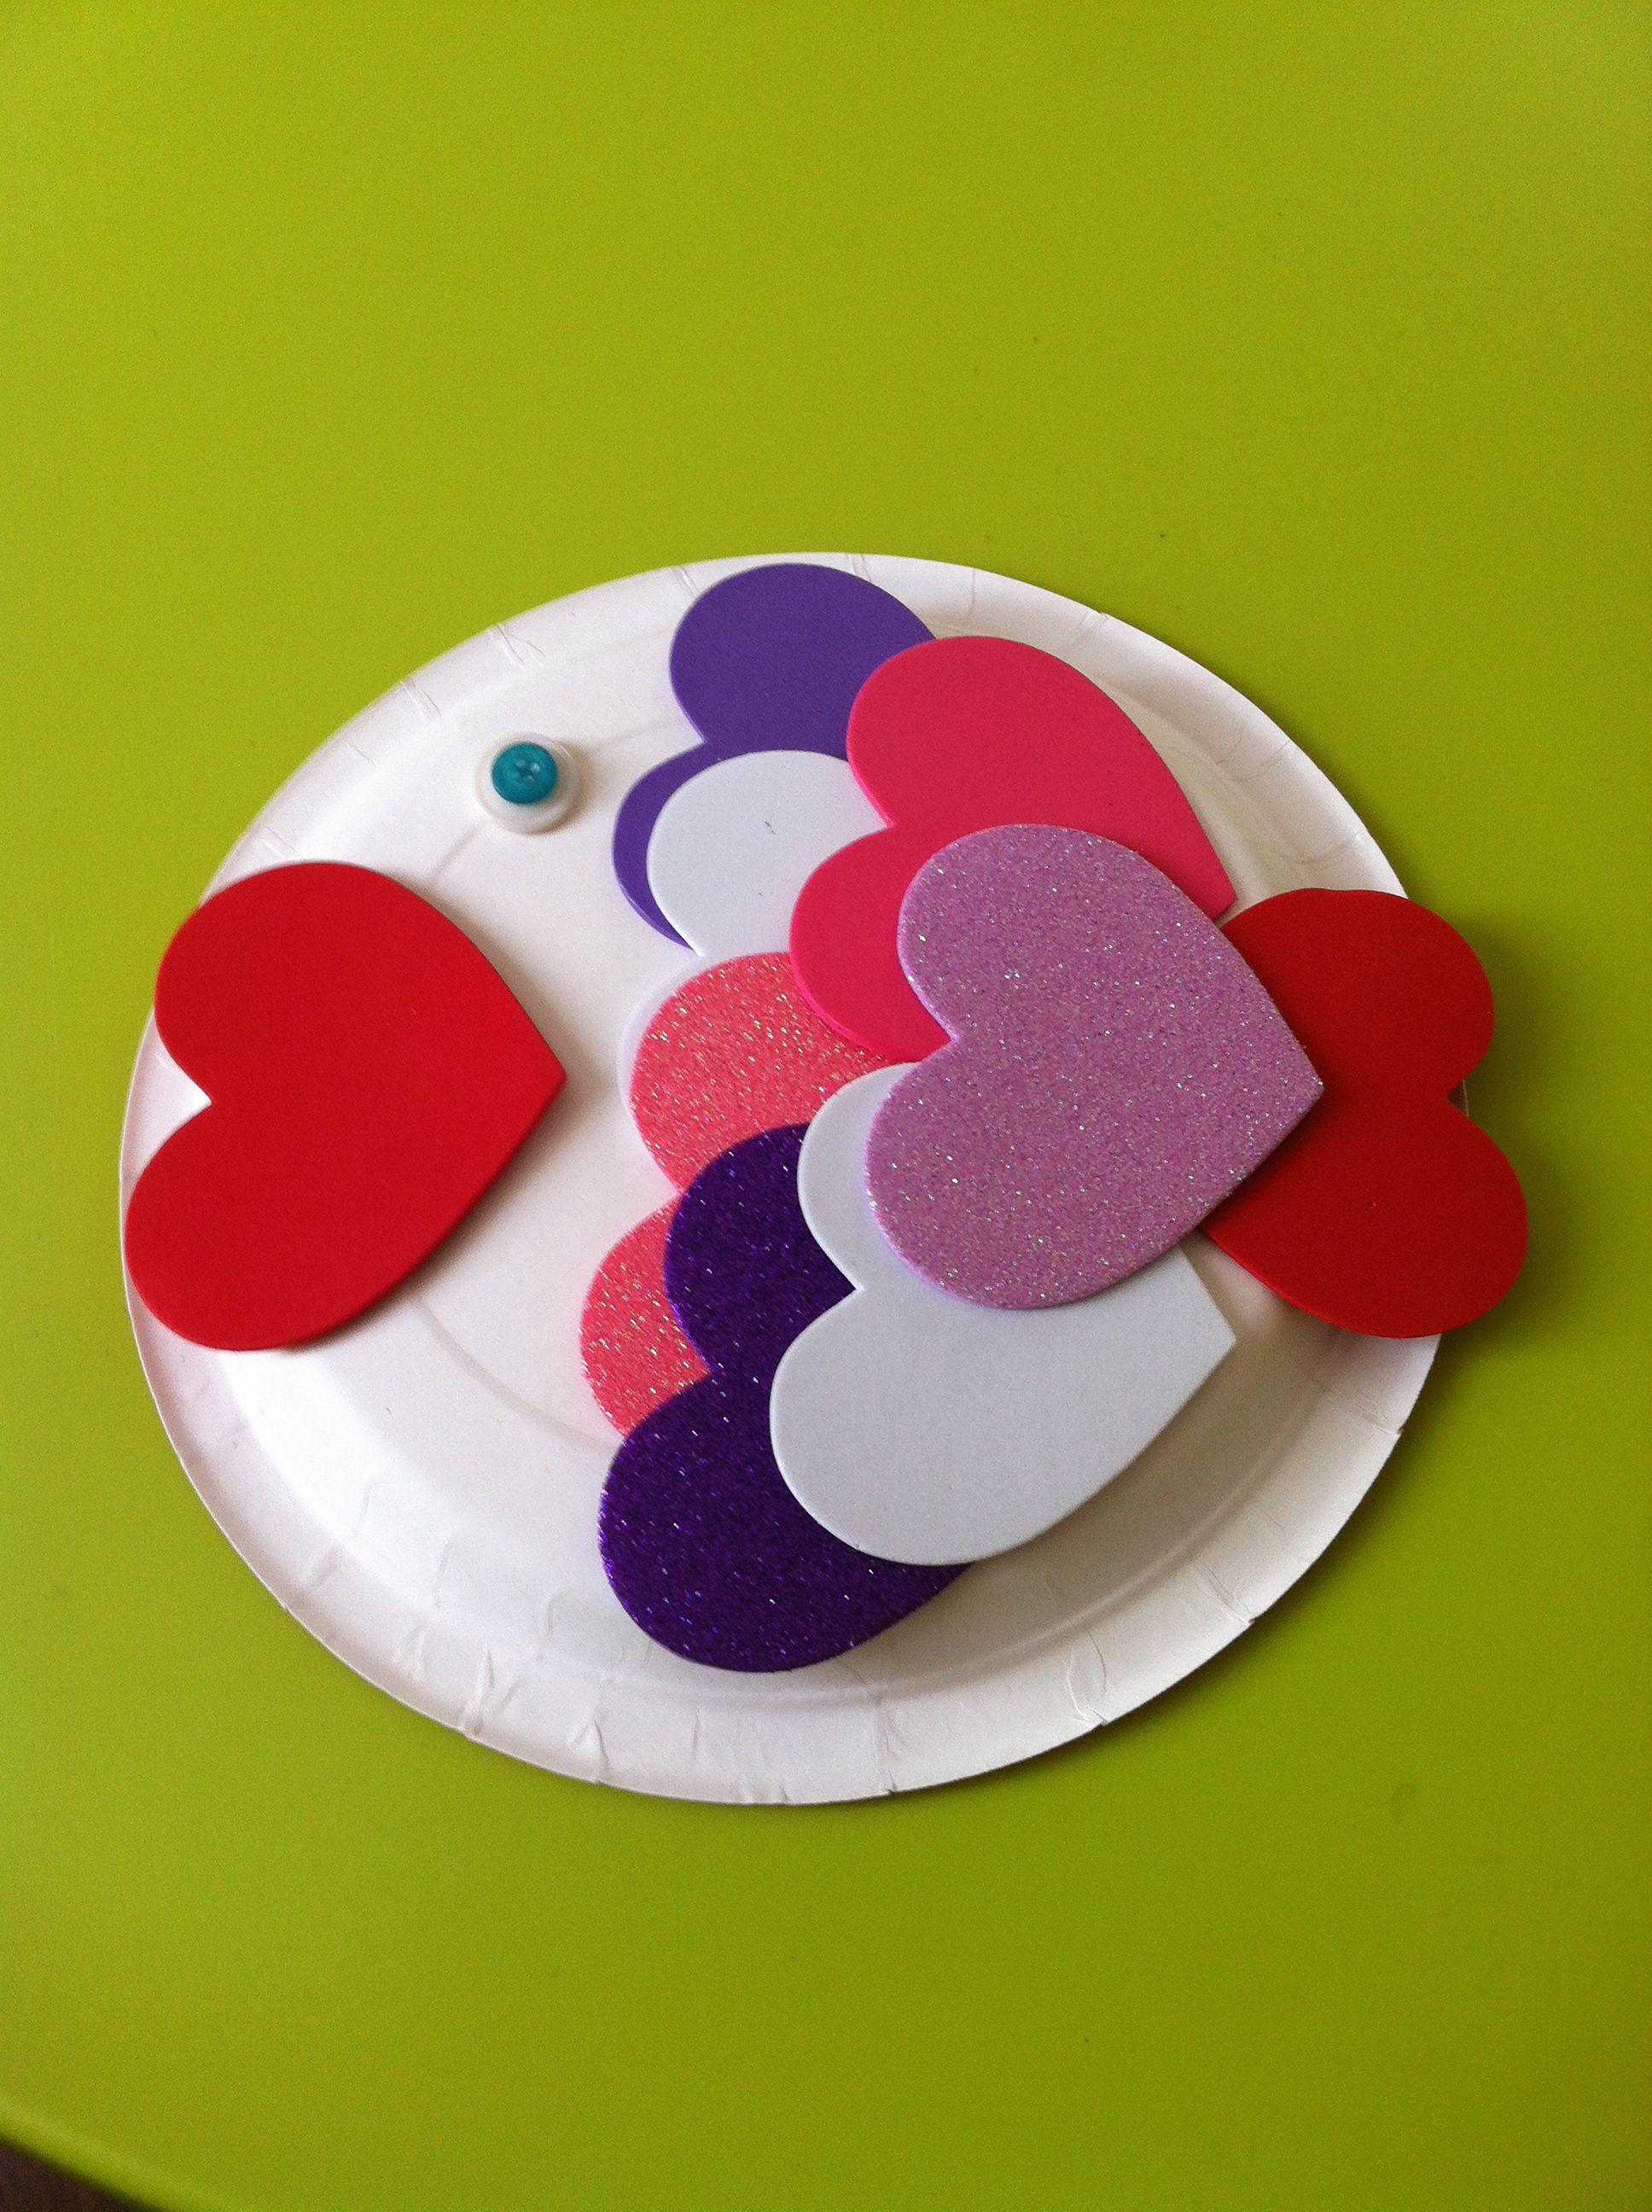 Valentine craft bricolage st valentin art plastique - Pinterest st valentin bricolage ...